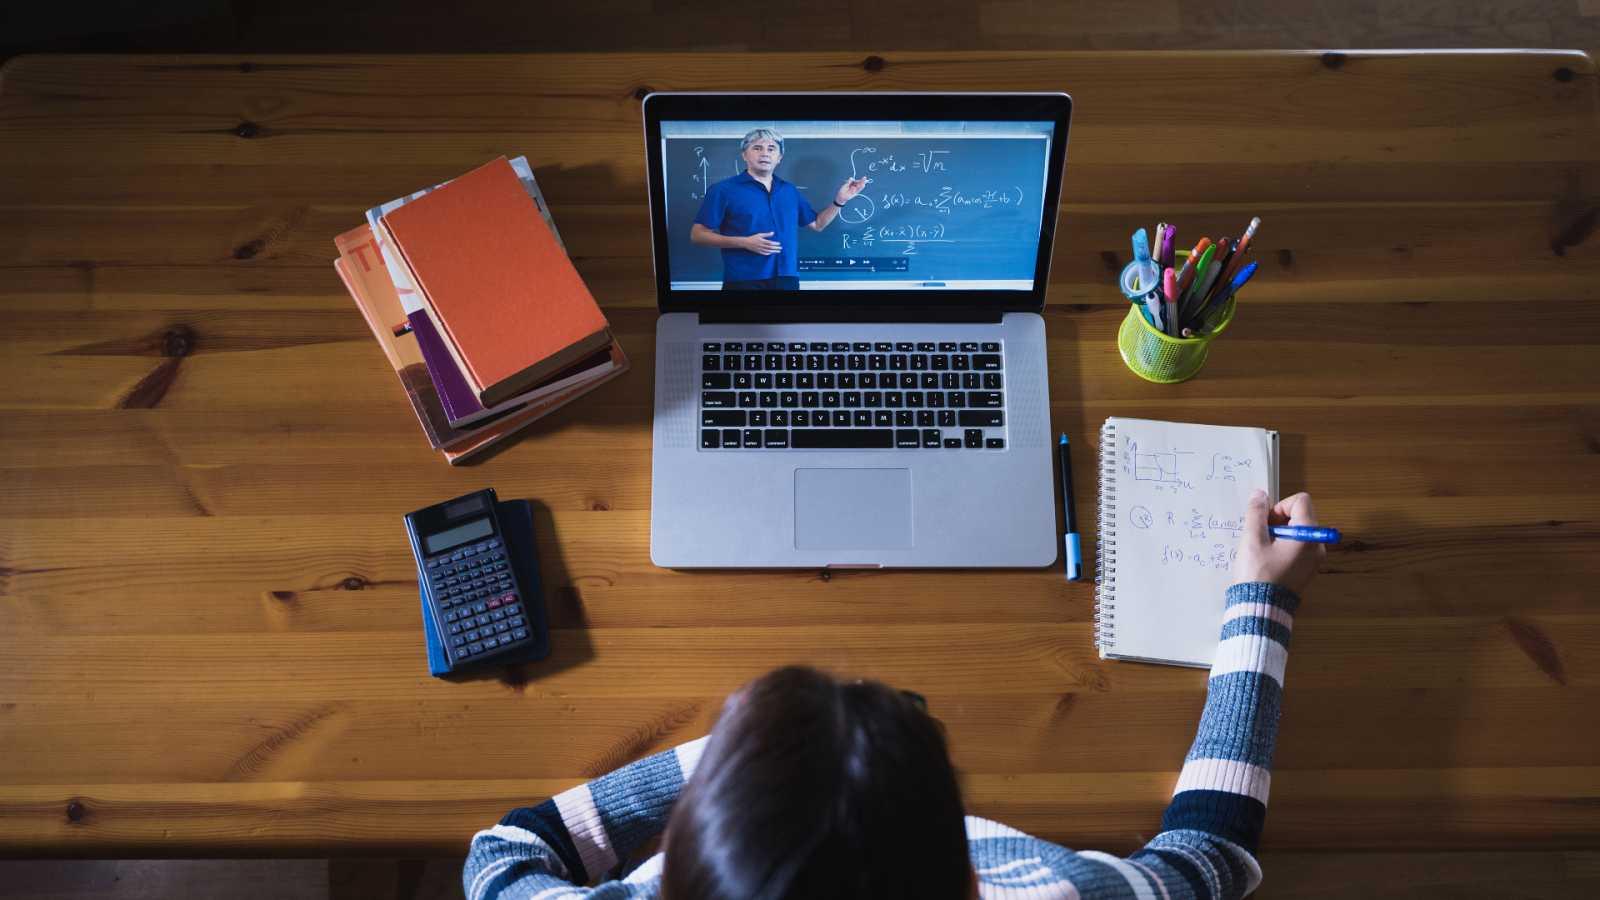 Erasmus en pandemia: clases online y ocio muy reducido